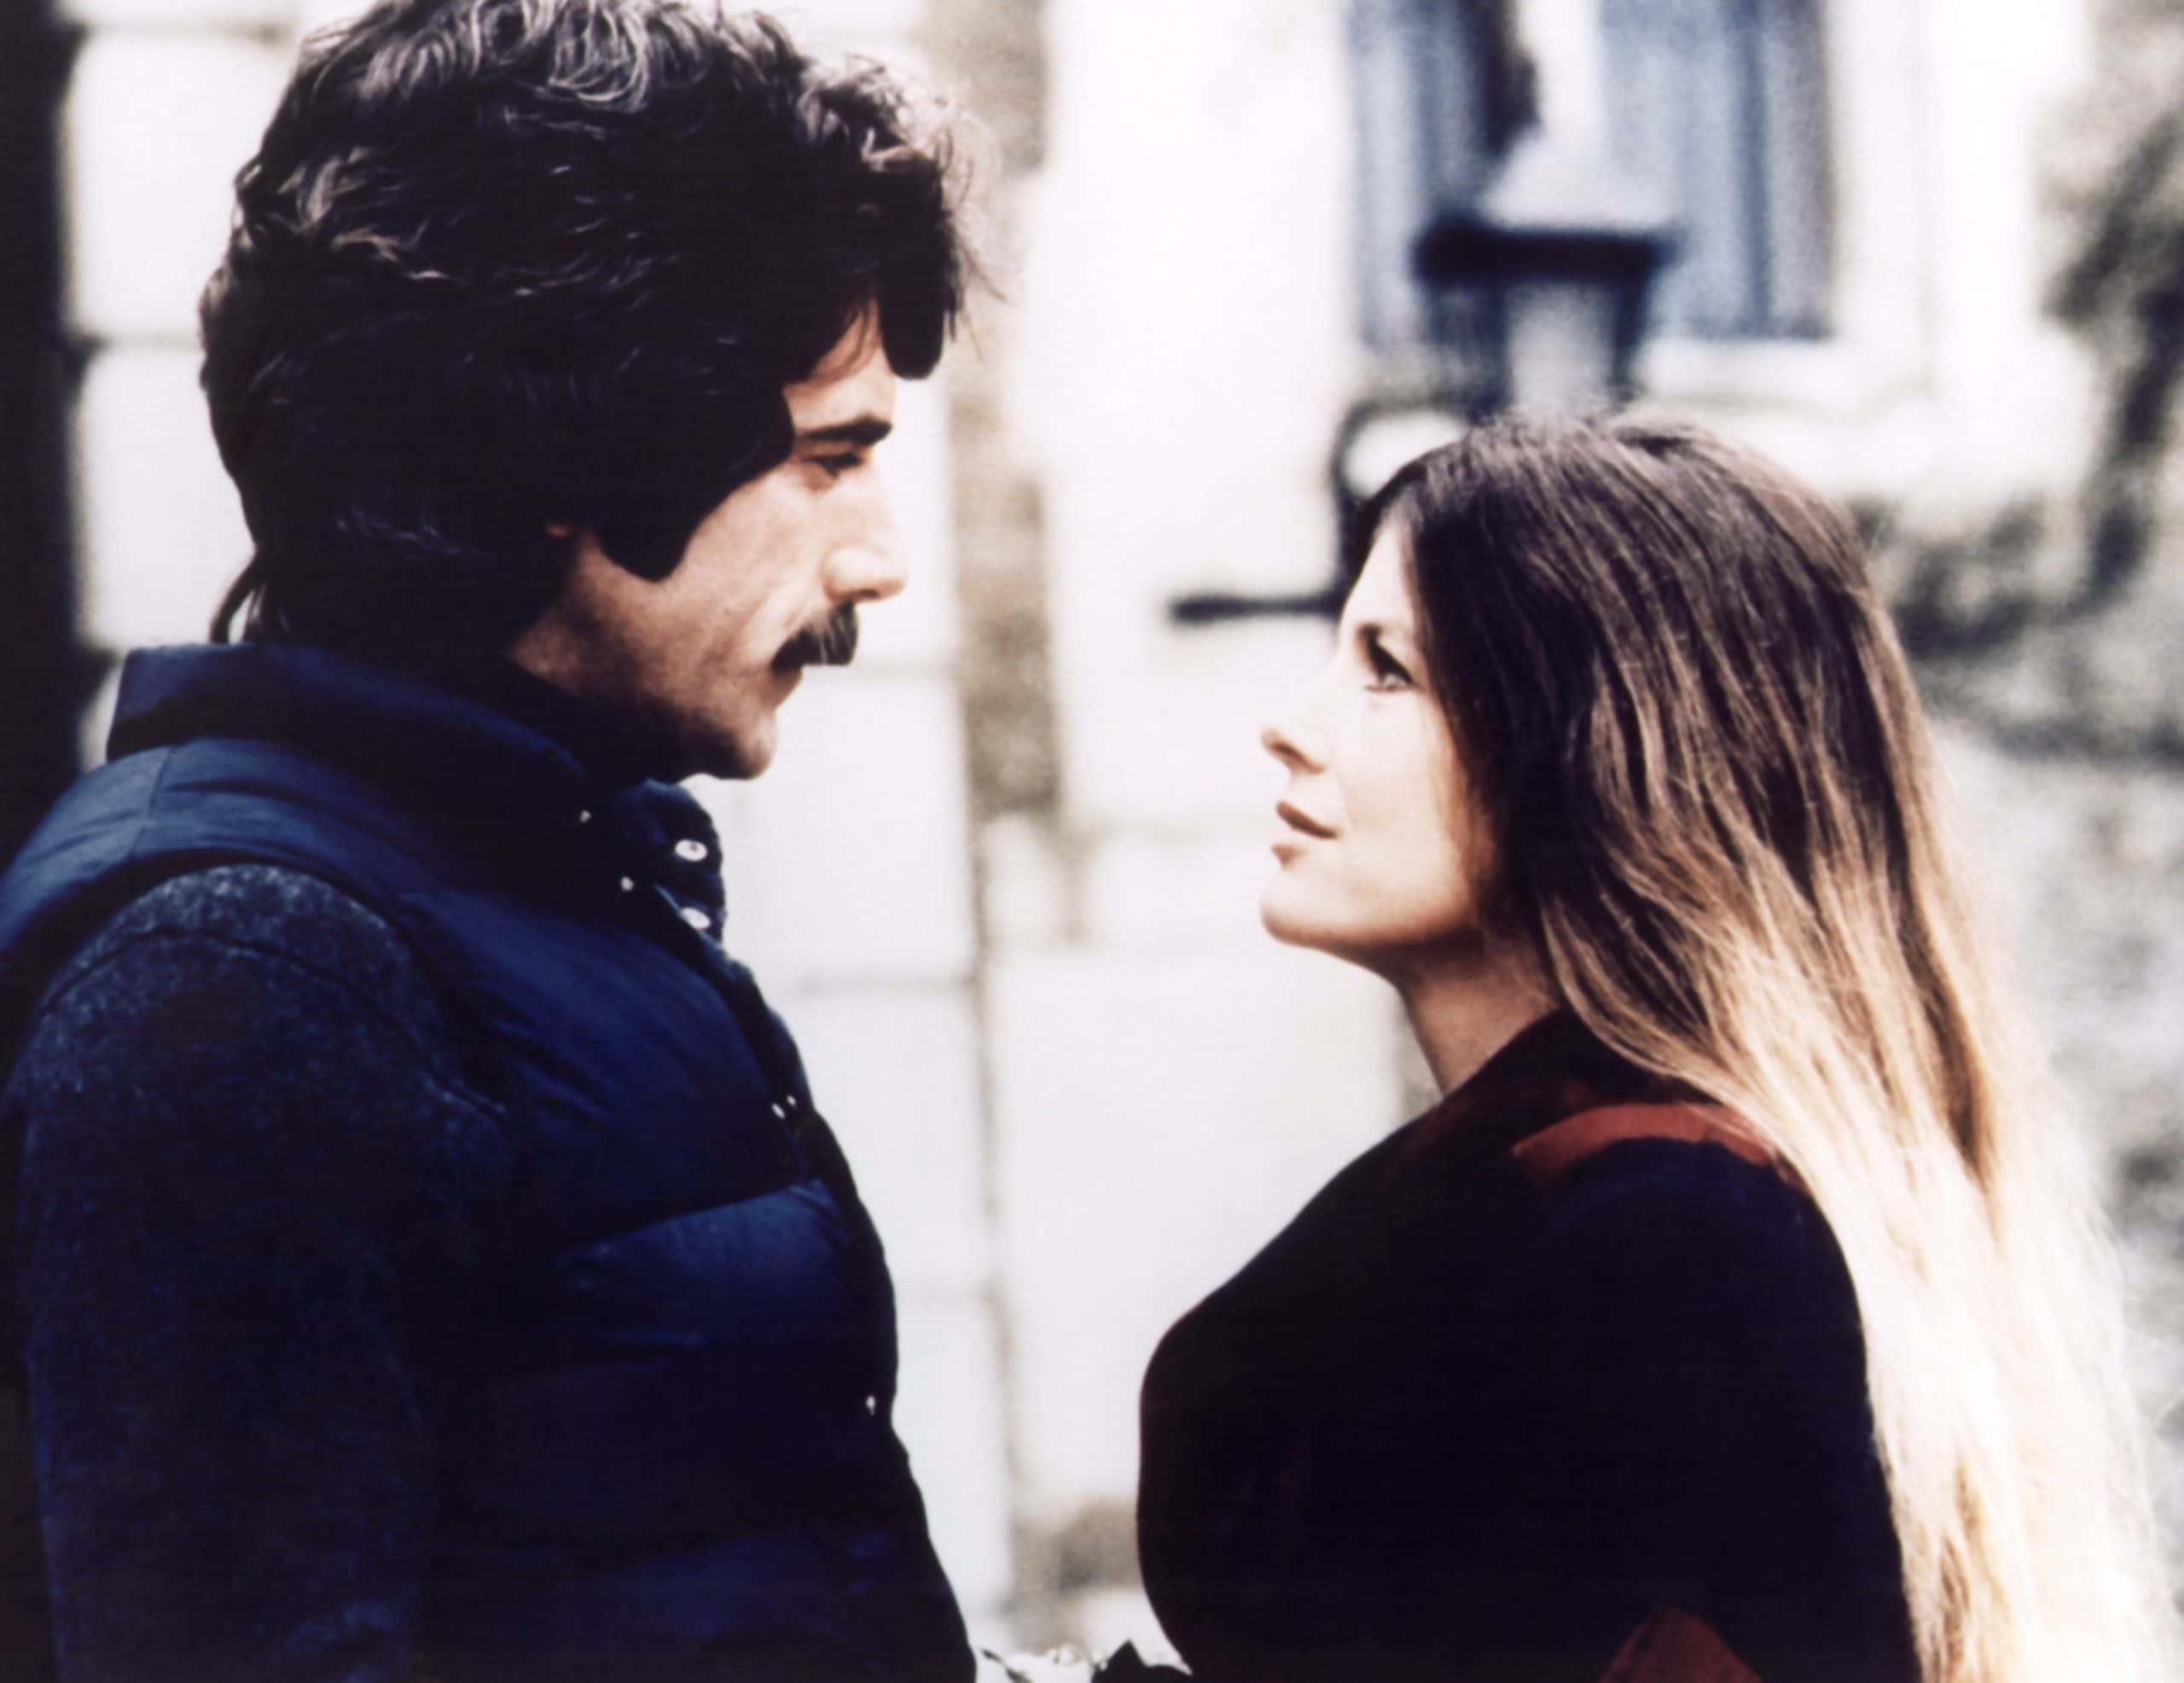 THE LEGACY, from left: Sam Elliott, Katharine Ross, 1978